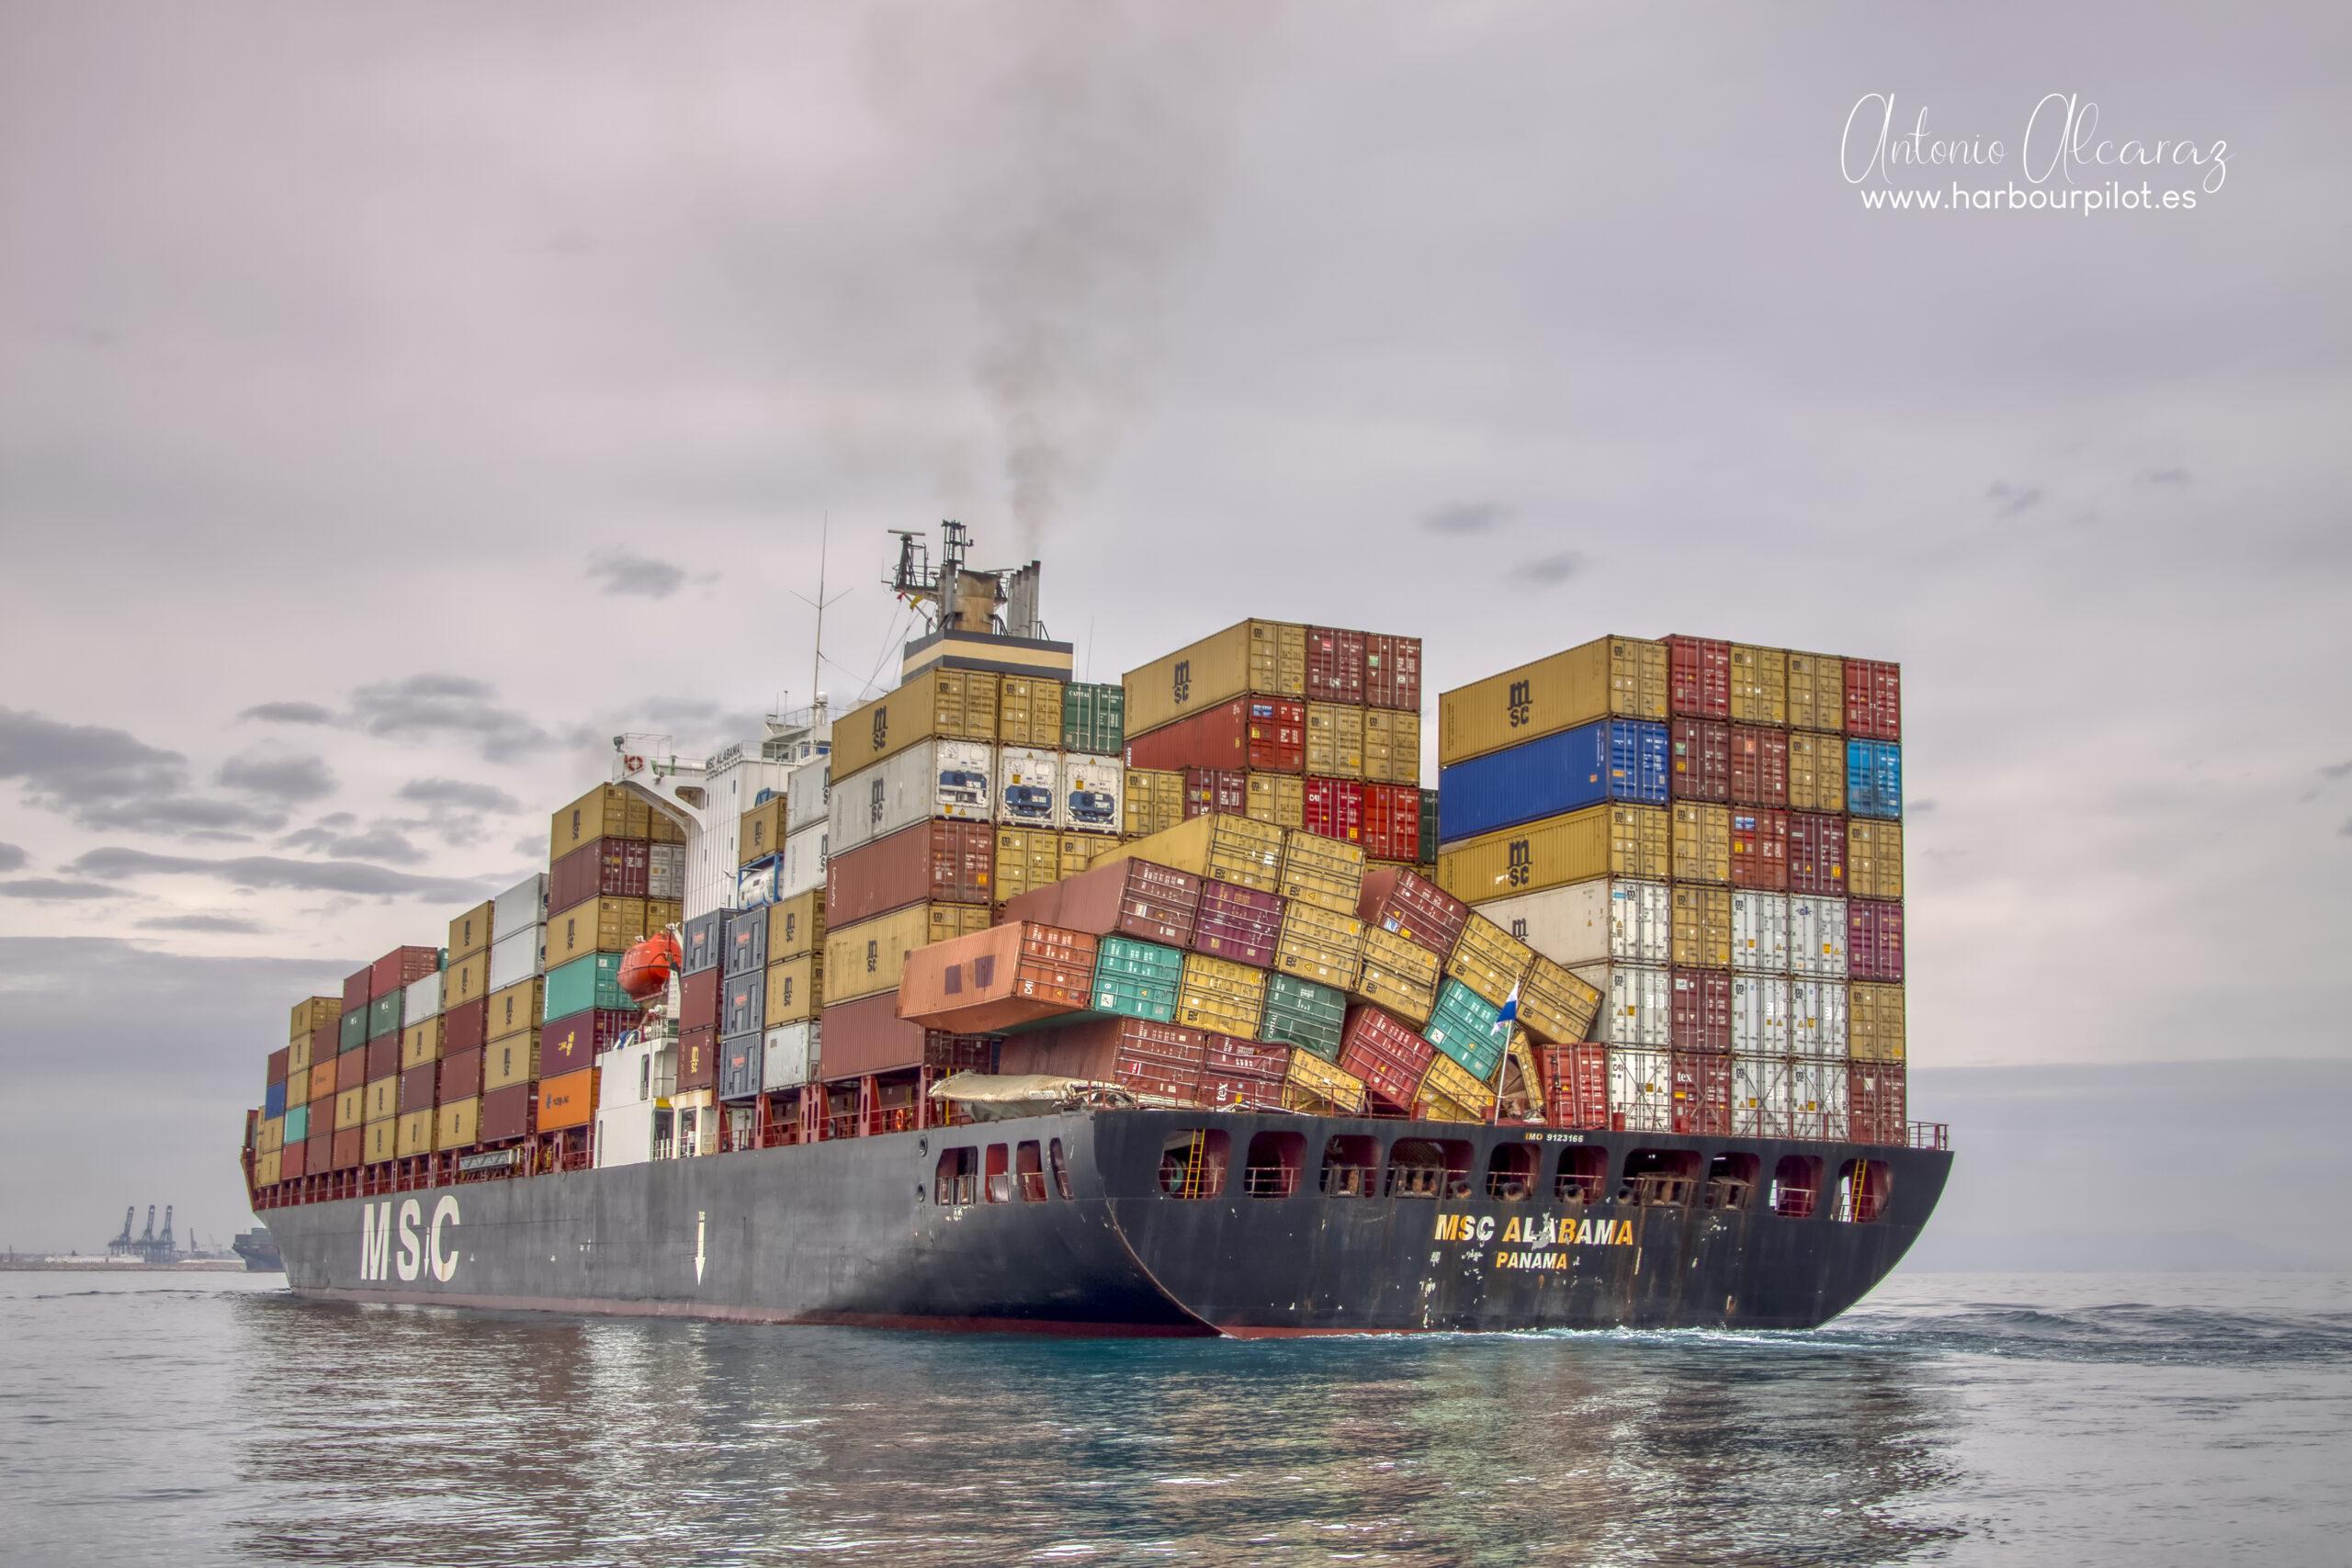 """Figura 3: Buque accidentado """"MSC Alabama"""" tras sufrir una probable mala estiba de contenedores (Foto facilitada por Antonio Alcaraz Arbelo de """"www.harbourpilot.es"""")"""